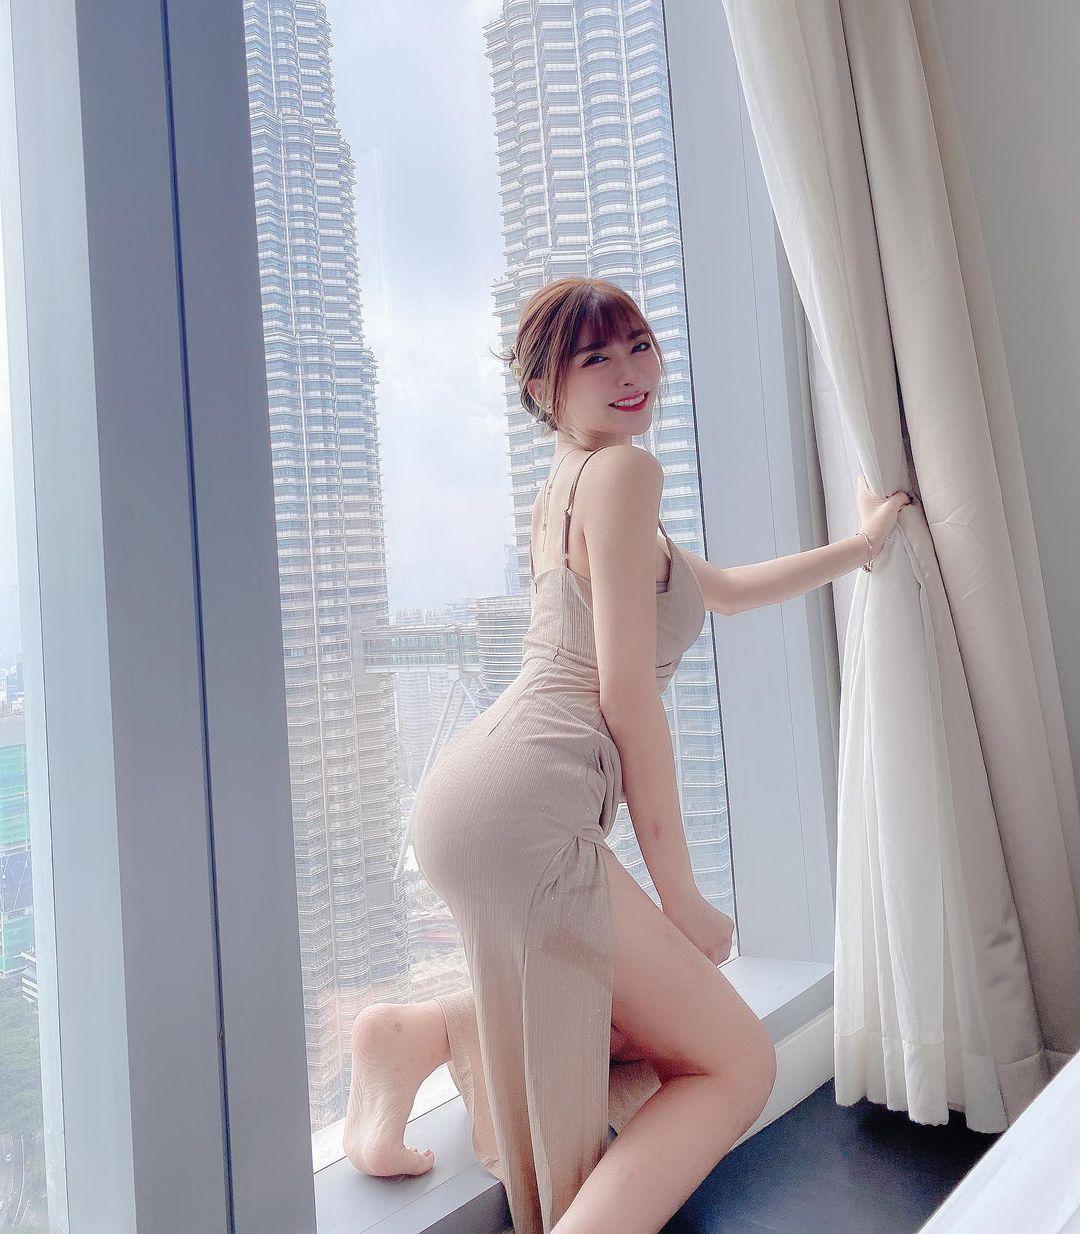 马来西亚极品妹推荐「邢益燕」完美S型身材!下福利采集发布coserba.com